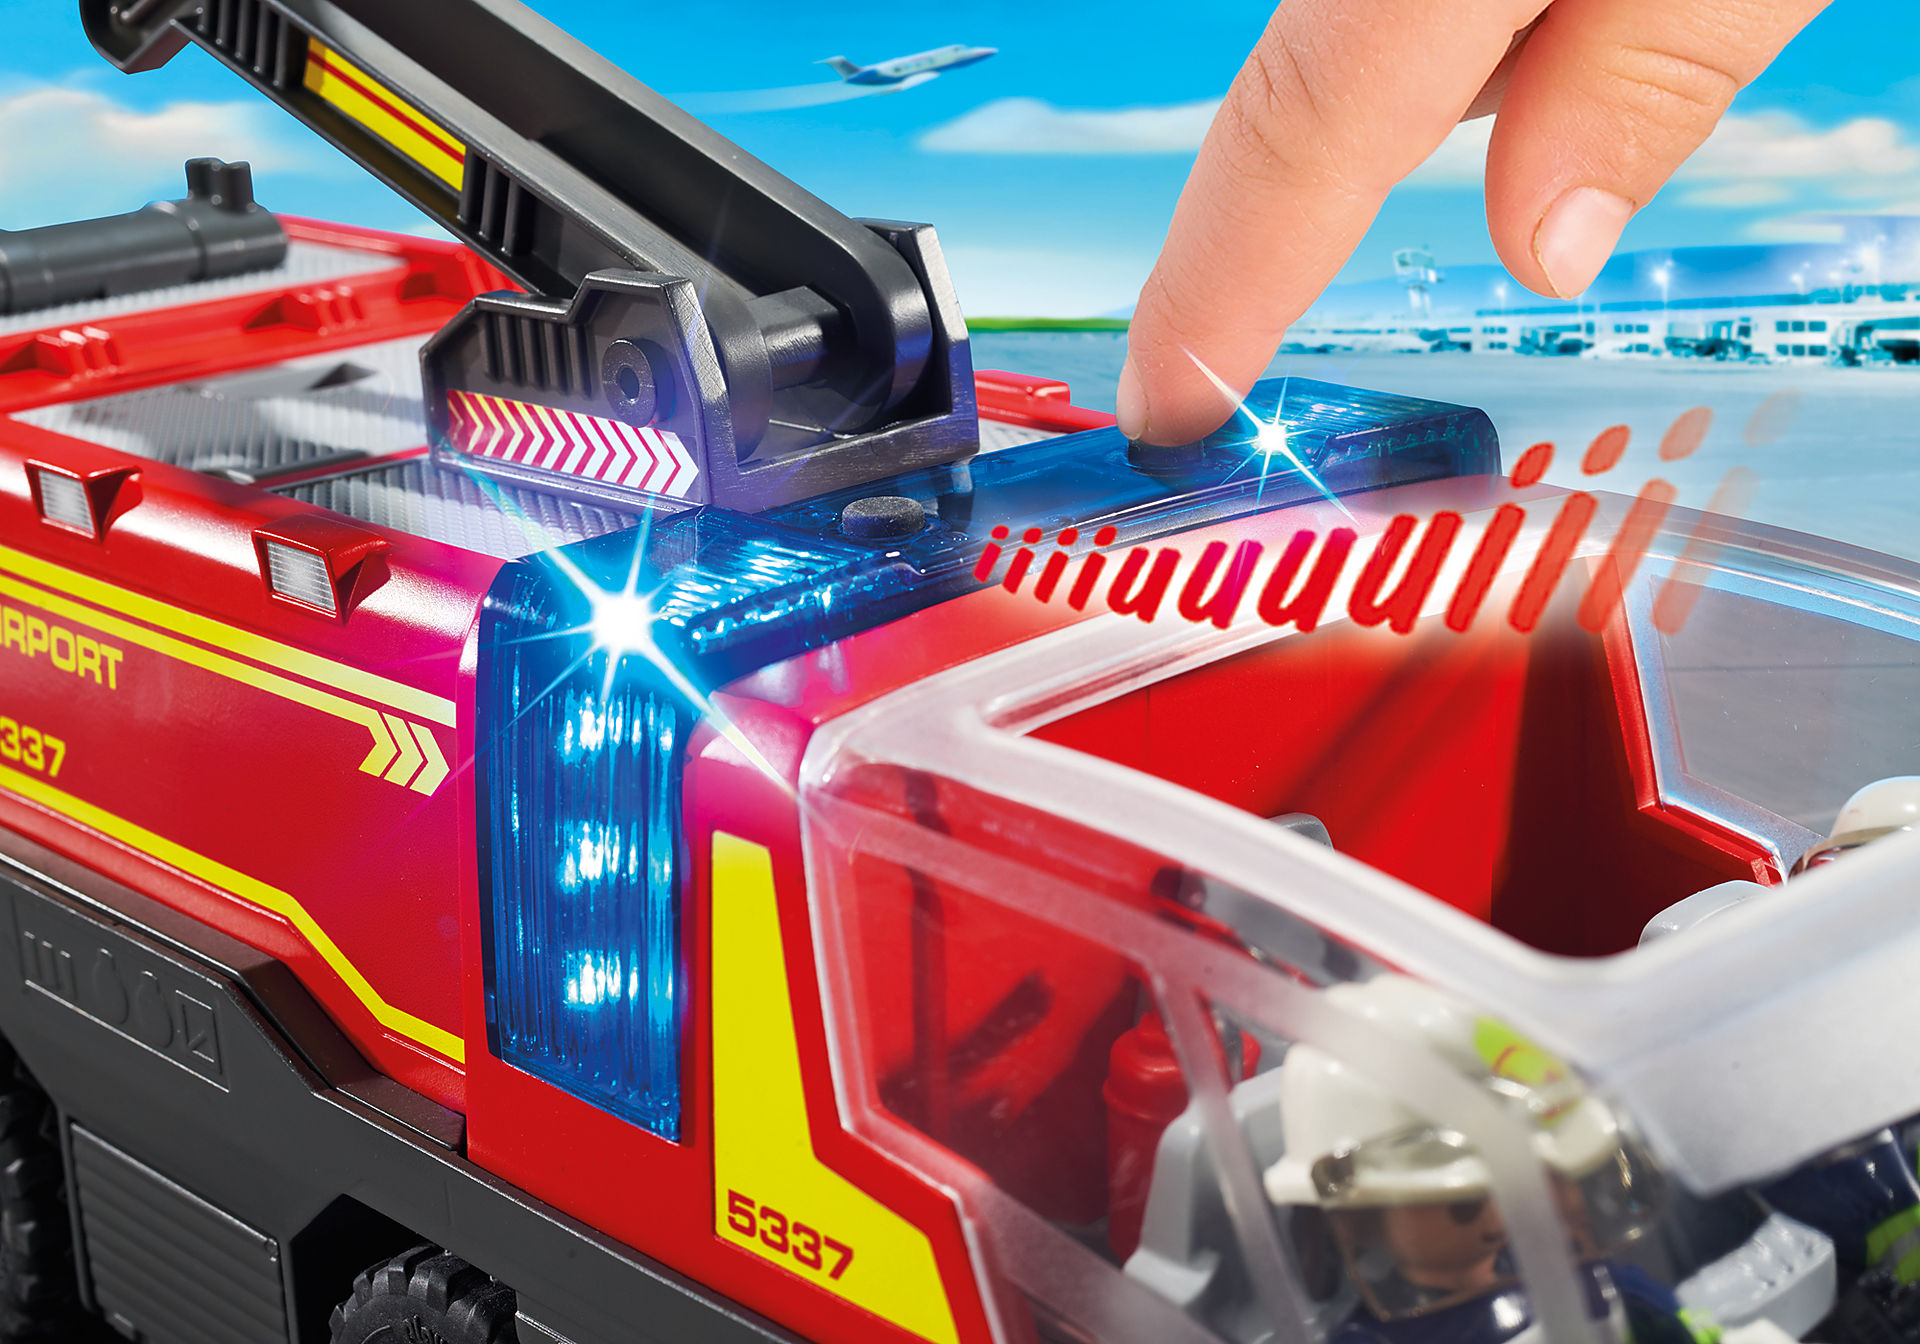 5337 Pompiers avec véhicule aéroportuaire zoom image5